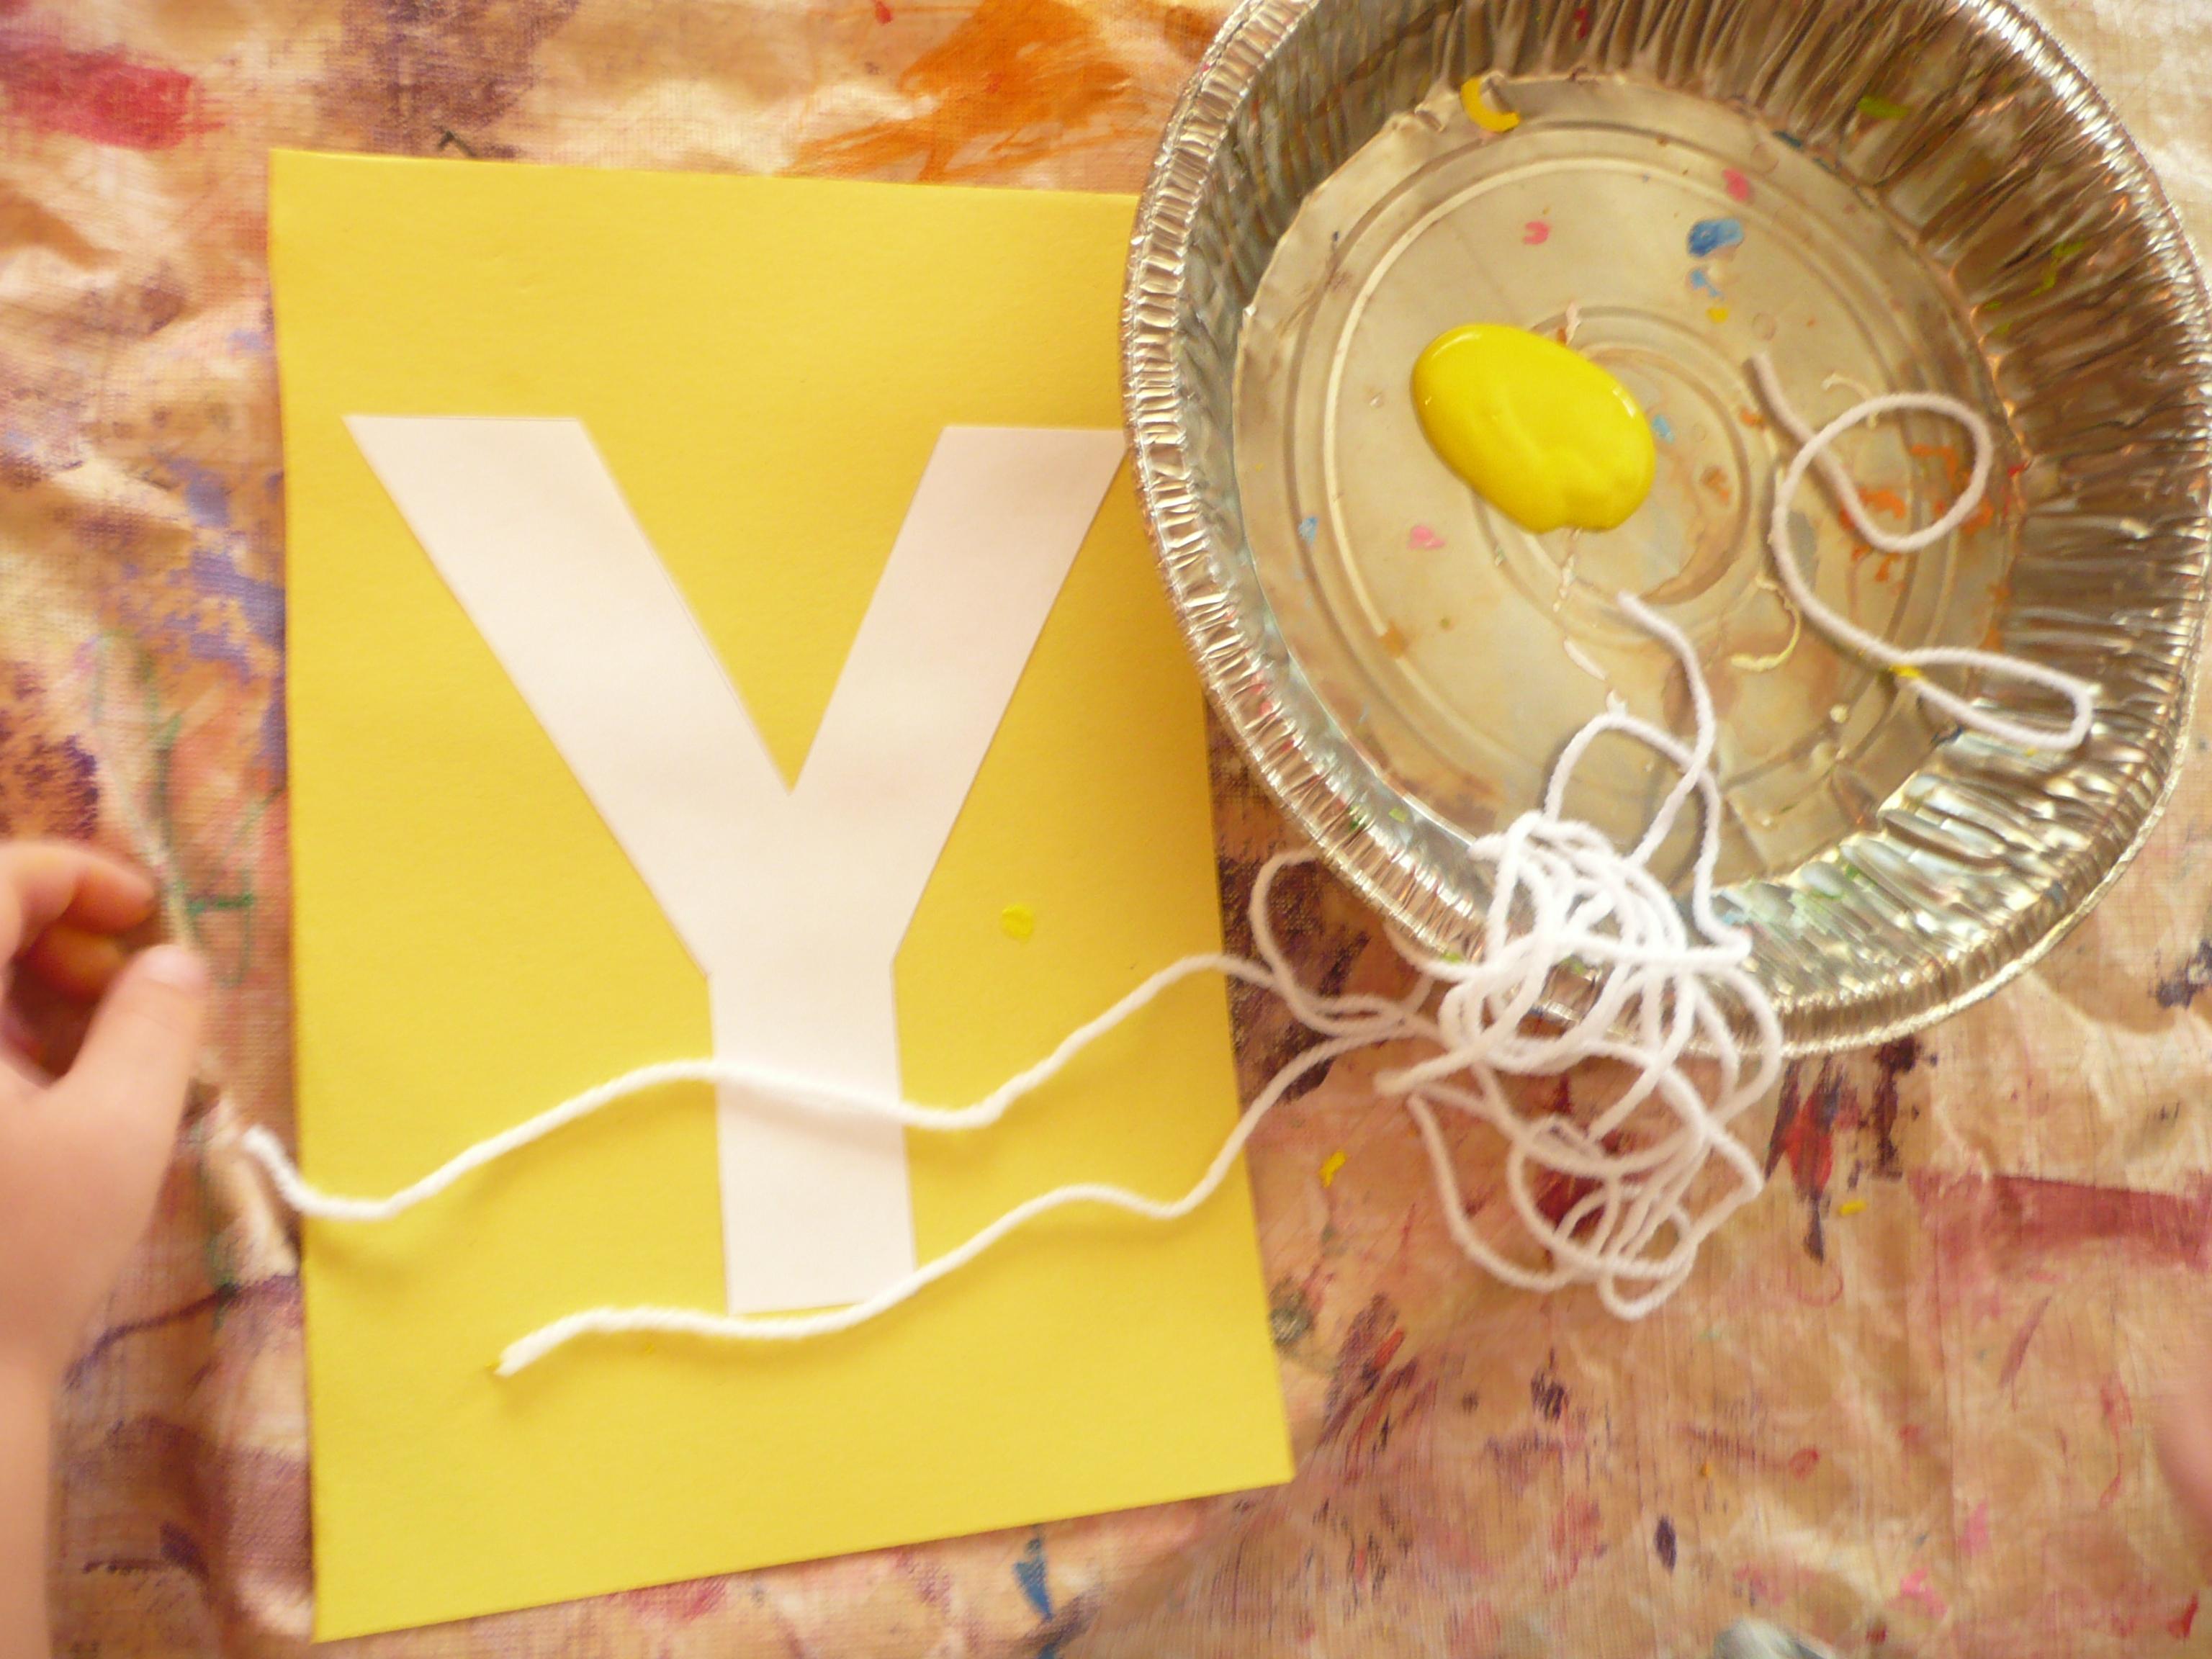 بالصور صور حرف y , صور مميزه عن حرف Y 4413 8